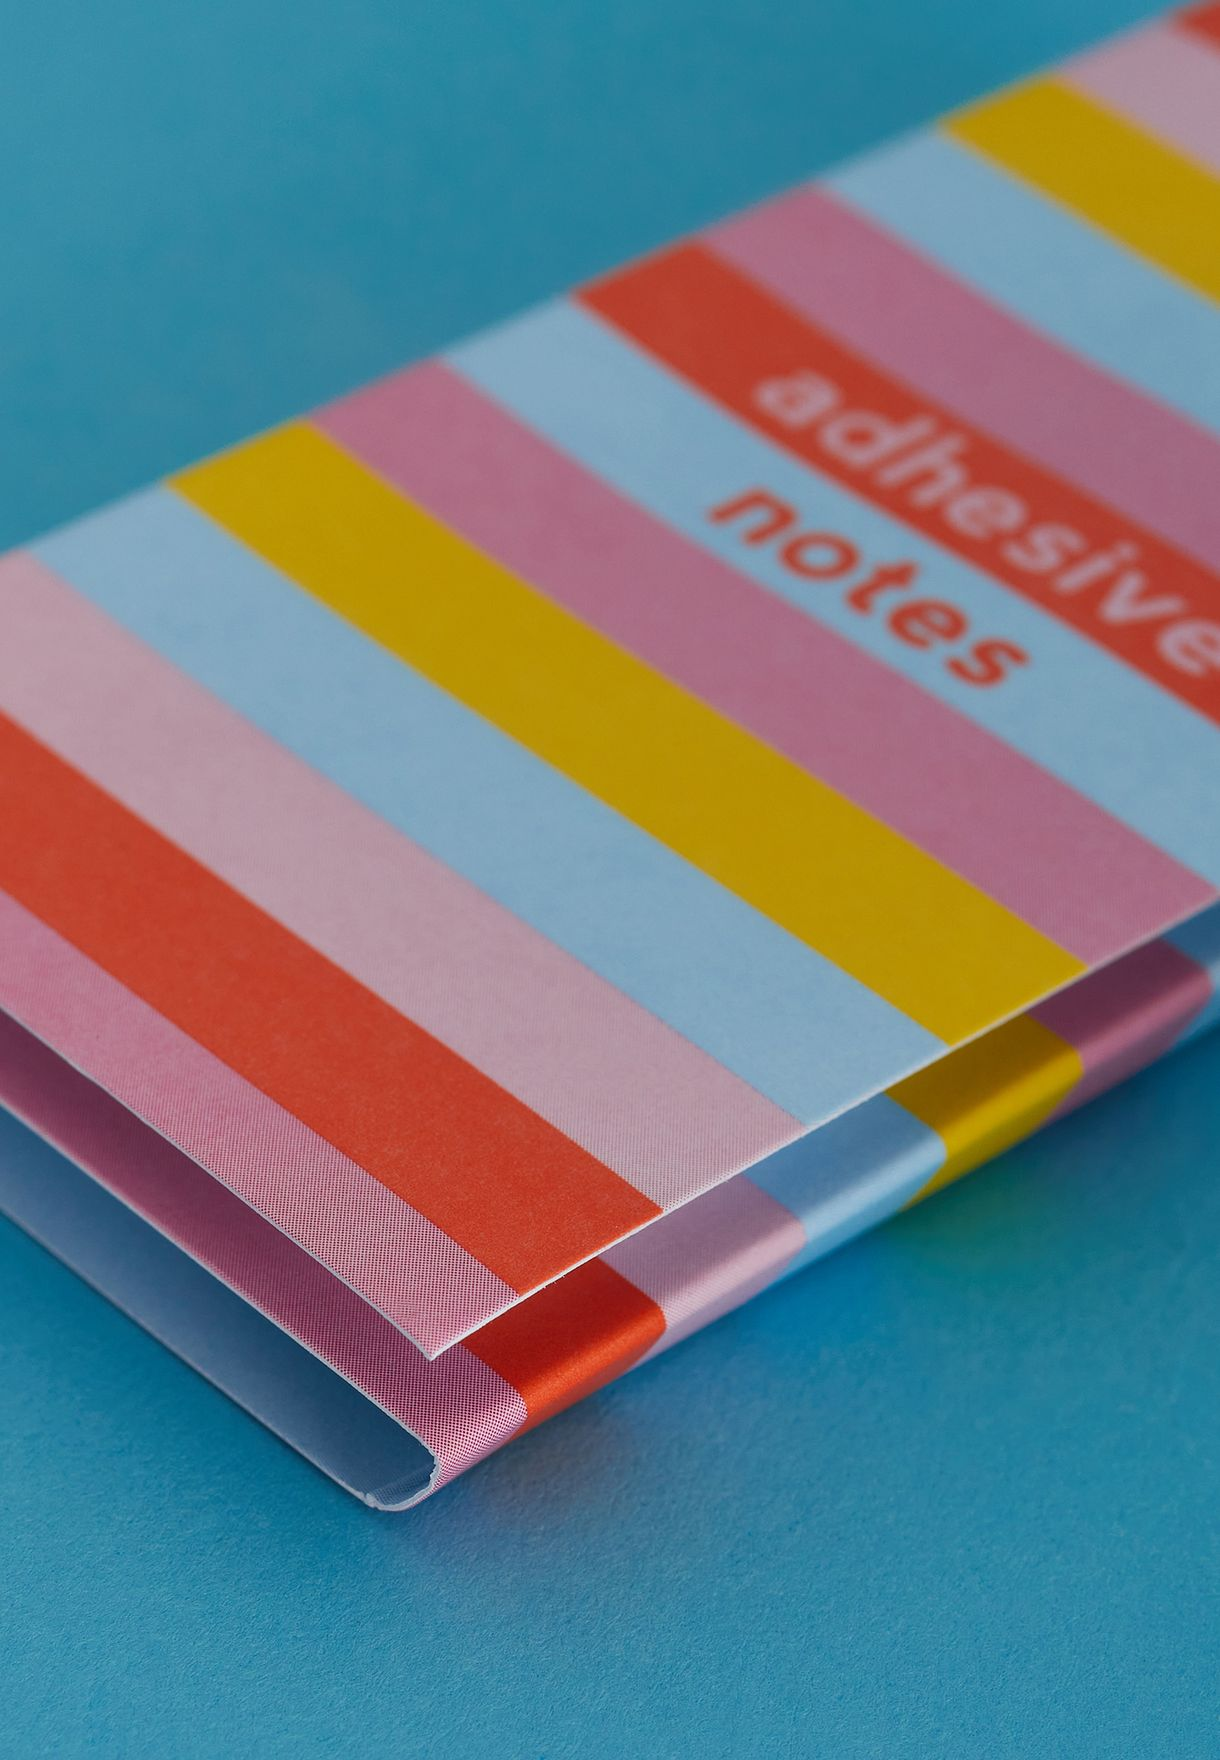 Cute Adhesive Notes Set